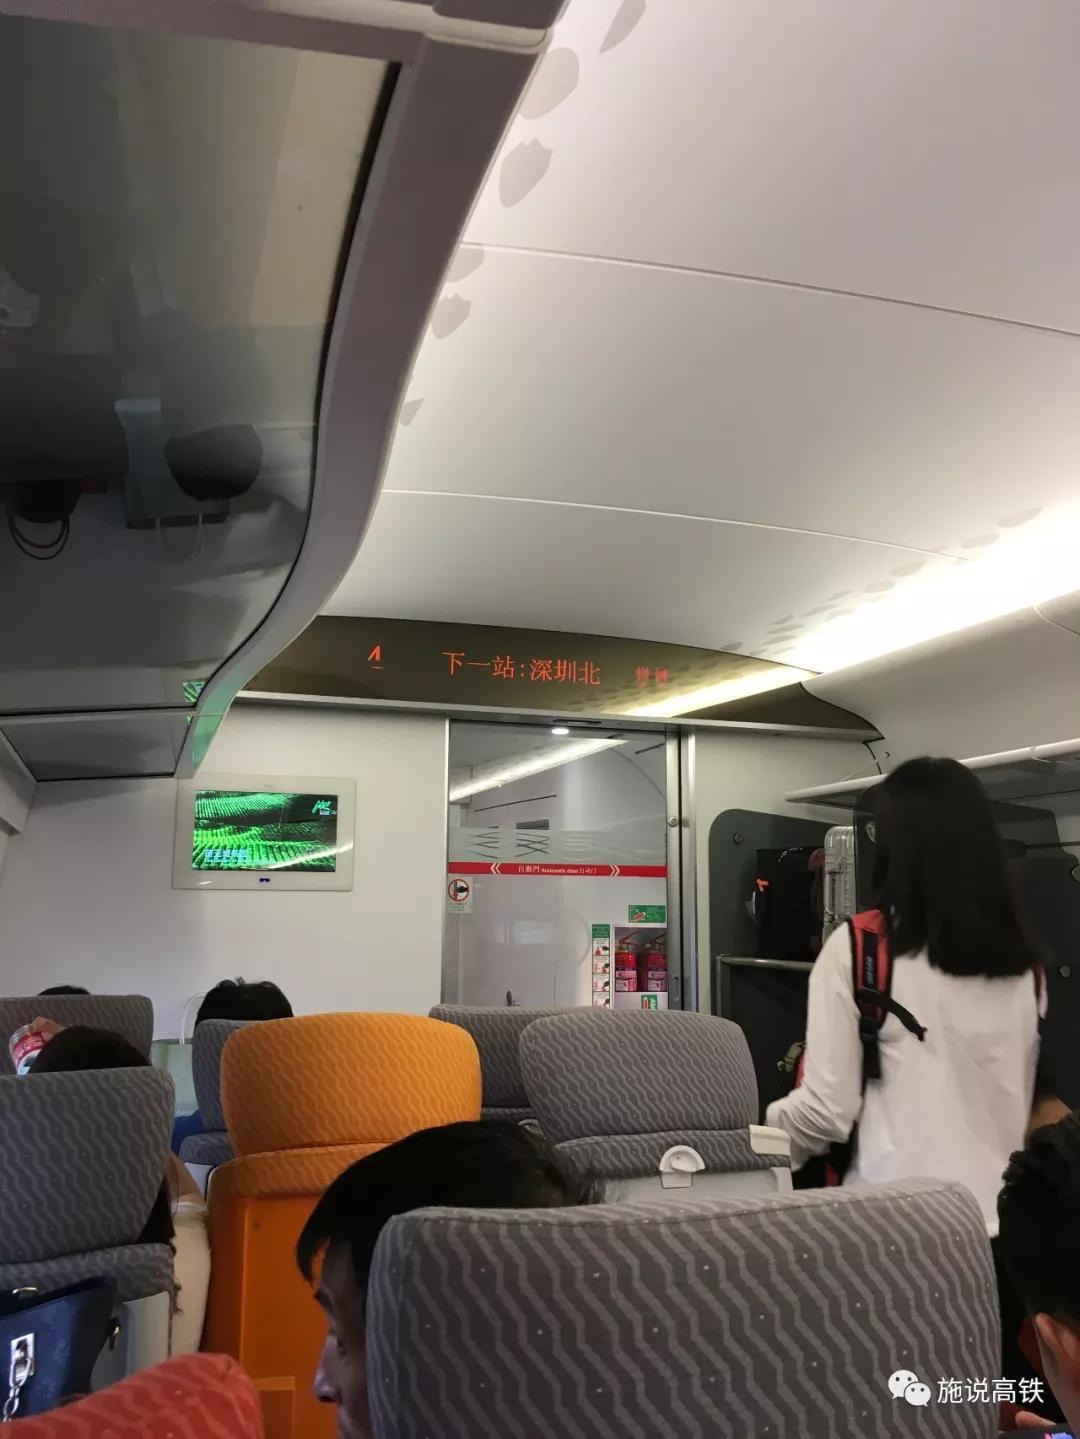 天津机场到天津高铁站坐什么车比较快?